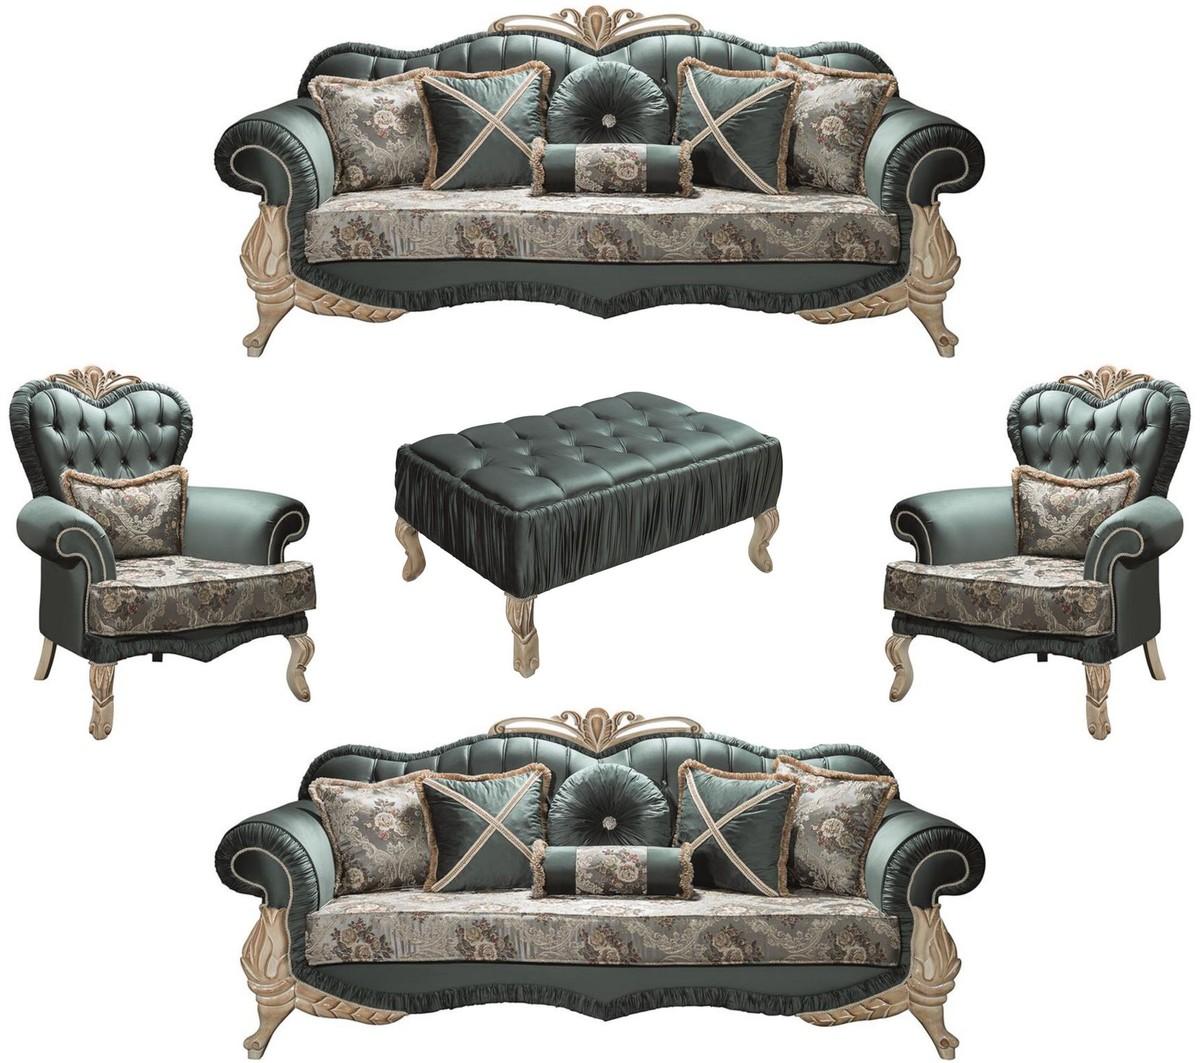 Full Size of Barock Sofa Casa Padrino Luxus Wohnzimmer Set Grn Creme Beige 2 Schilling Garnitur Teilig Mit Relaxfunktion 3 Sitzer Hocker Kissen Jugendzimmer U Form Sofa Barock Sofa